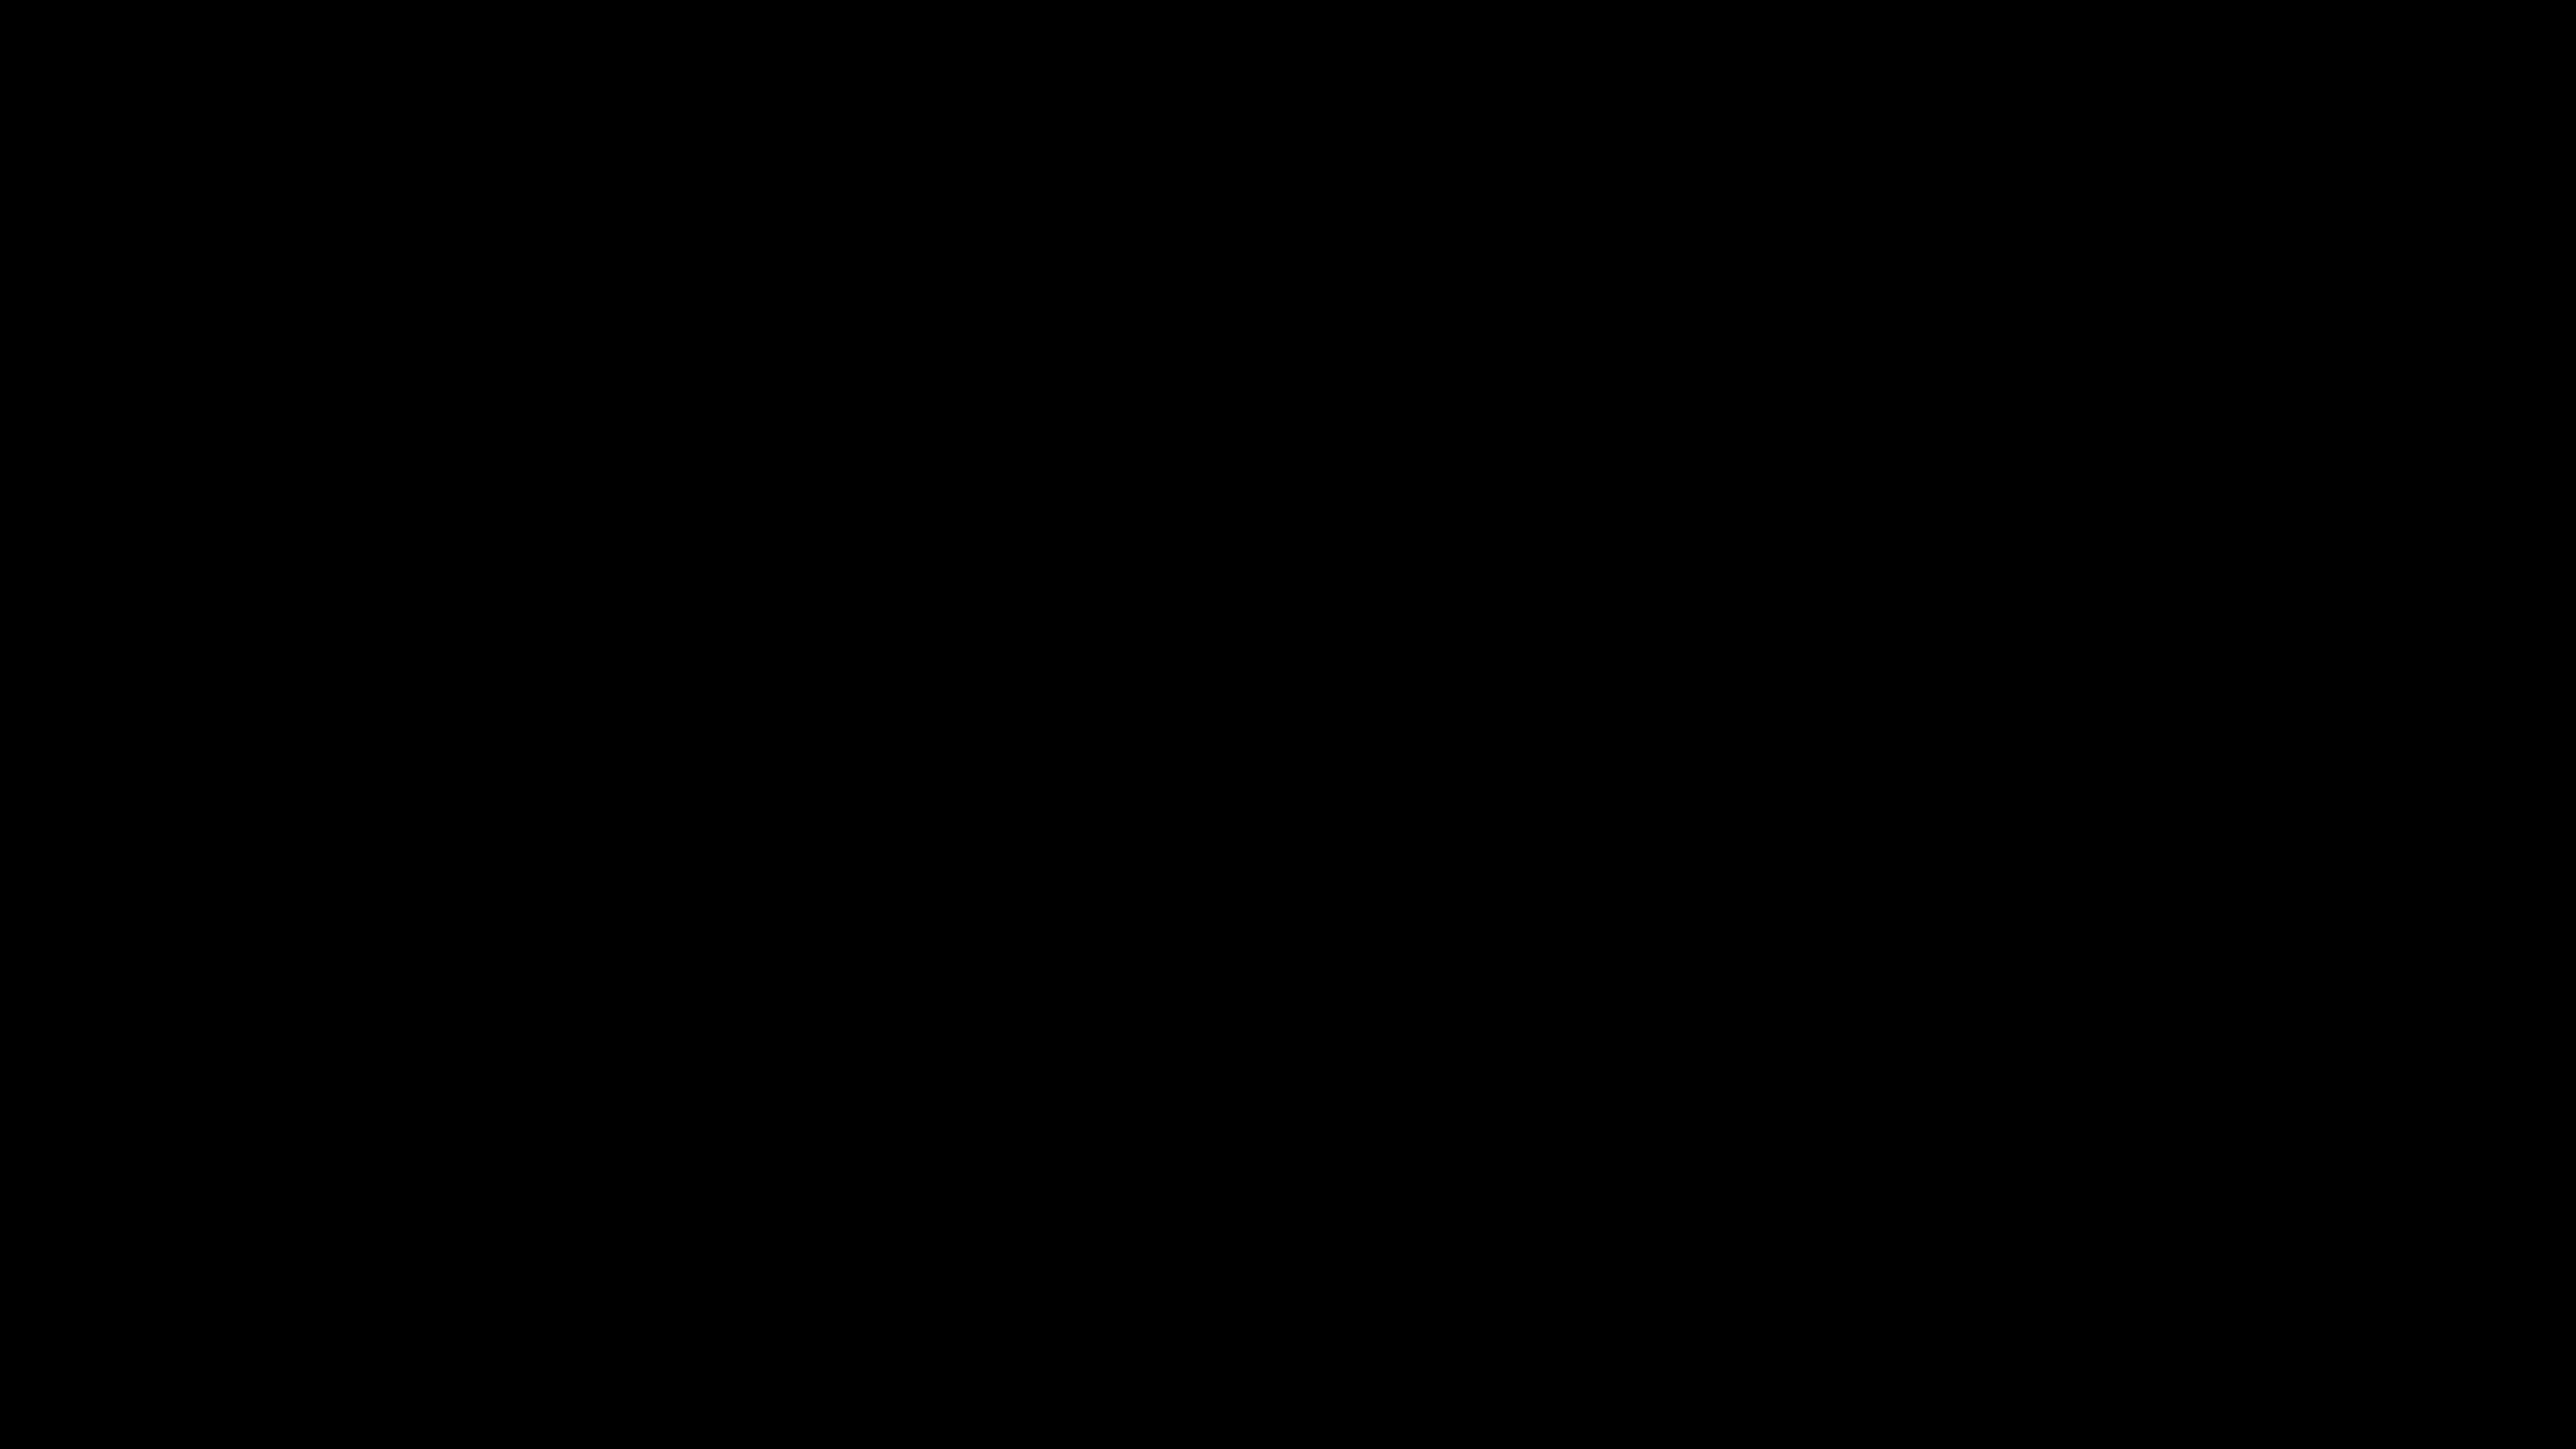 El Motorola Edge 20 Pro en su tinte azul que muestra la parte frontal y posterior del teléfono